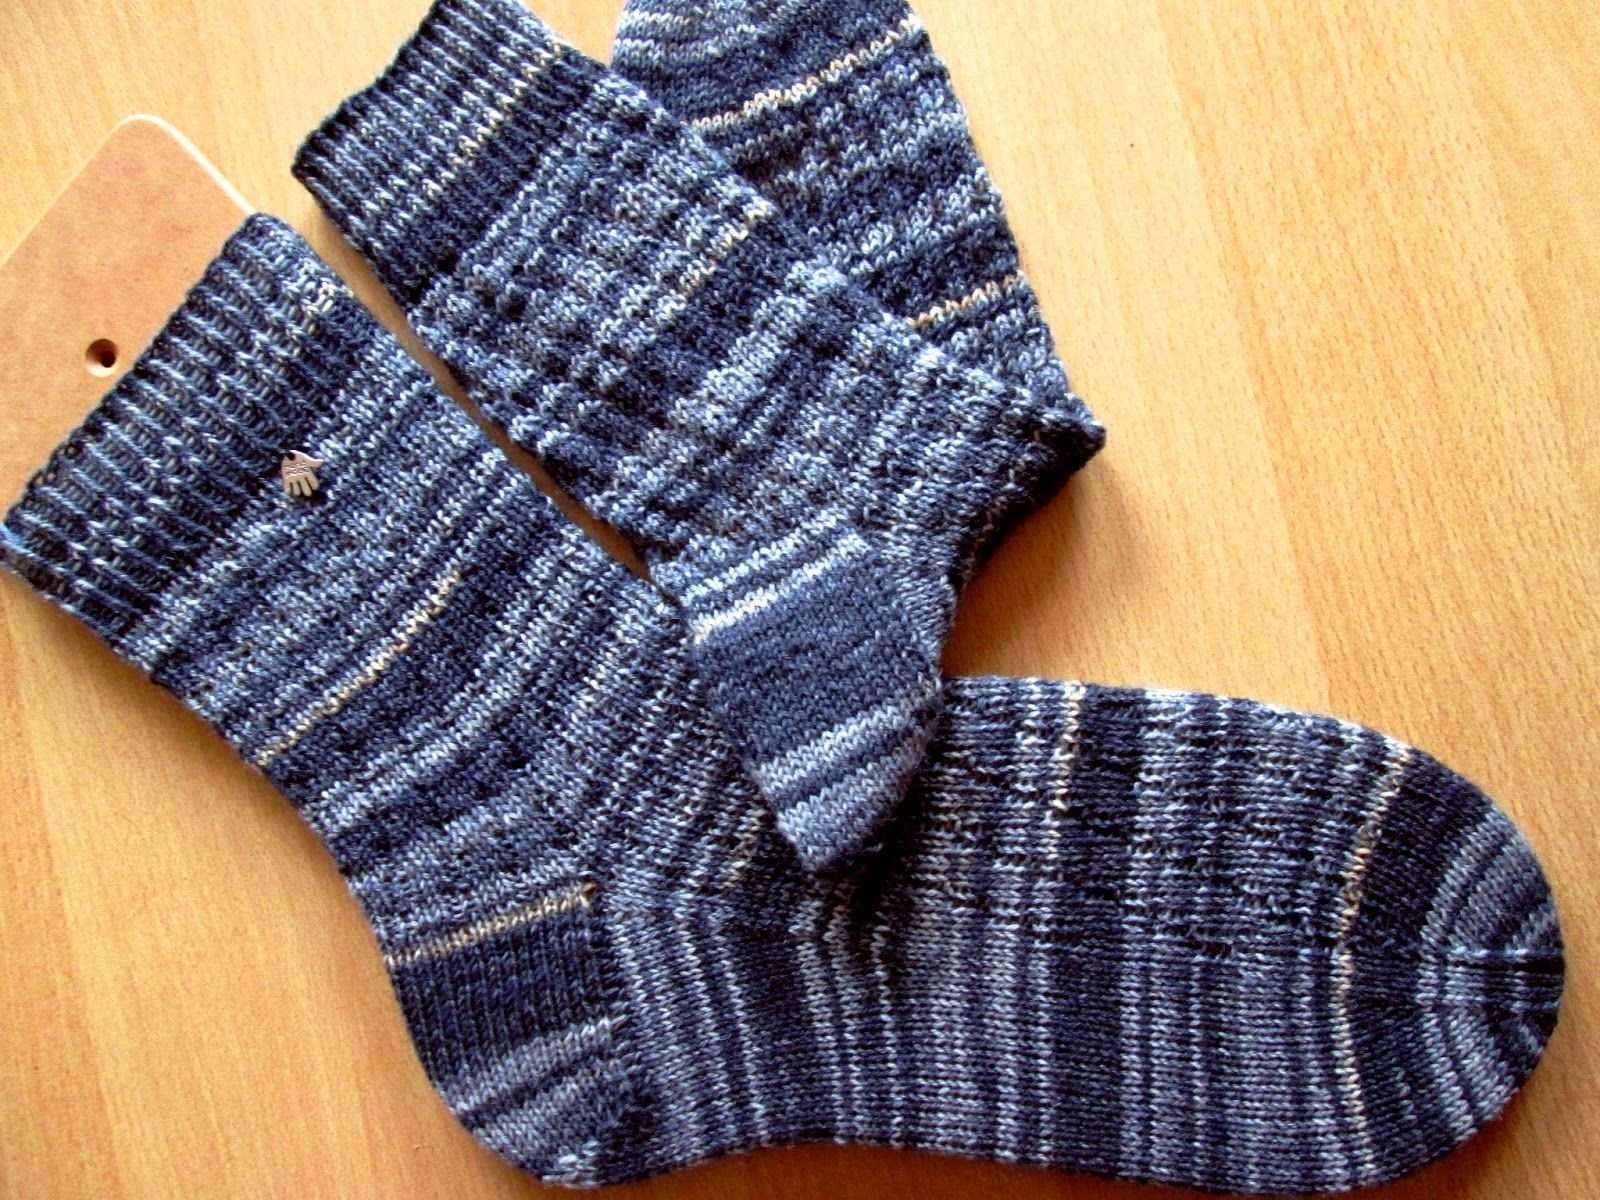 Rikes Schaufenster Jetzt Fur Manner Socken Stricken Sockenmuster Stricken Socken Stricken Muster